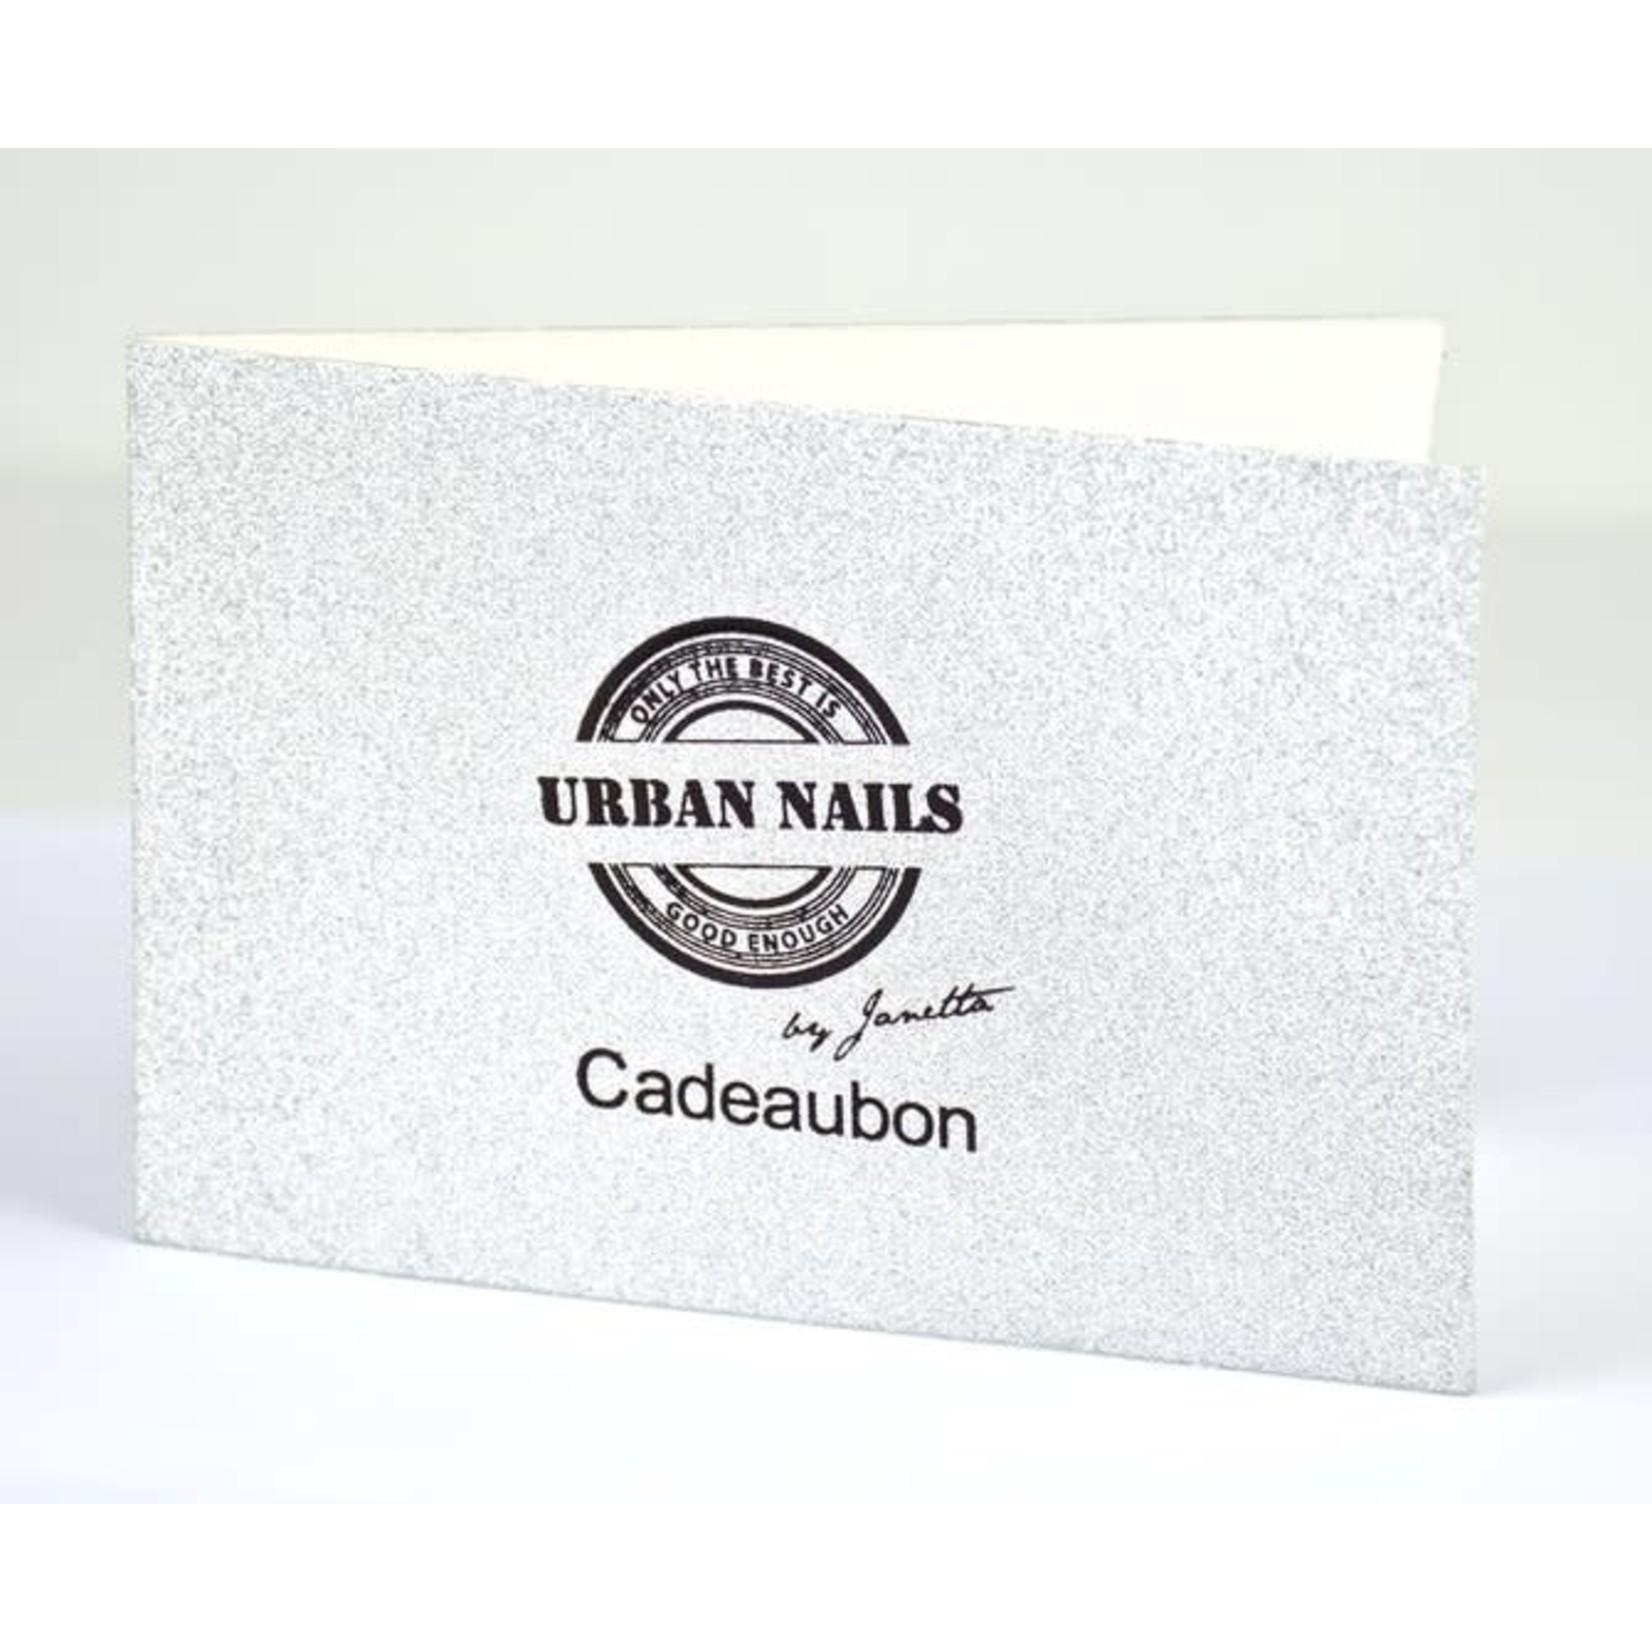 Urban Nails Cadeaubon 25 '¬